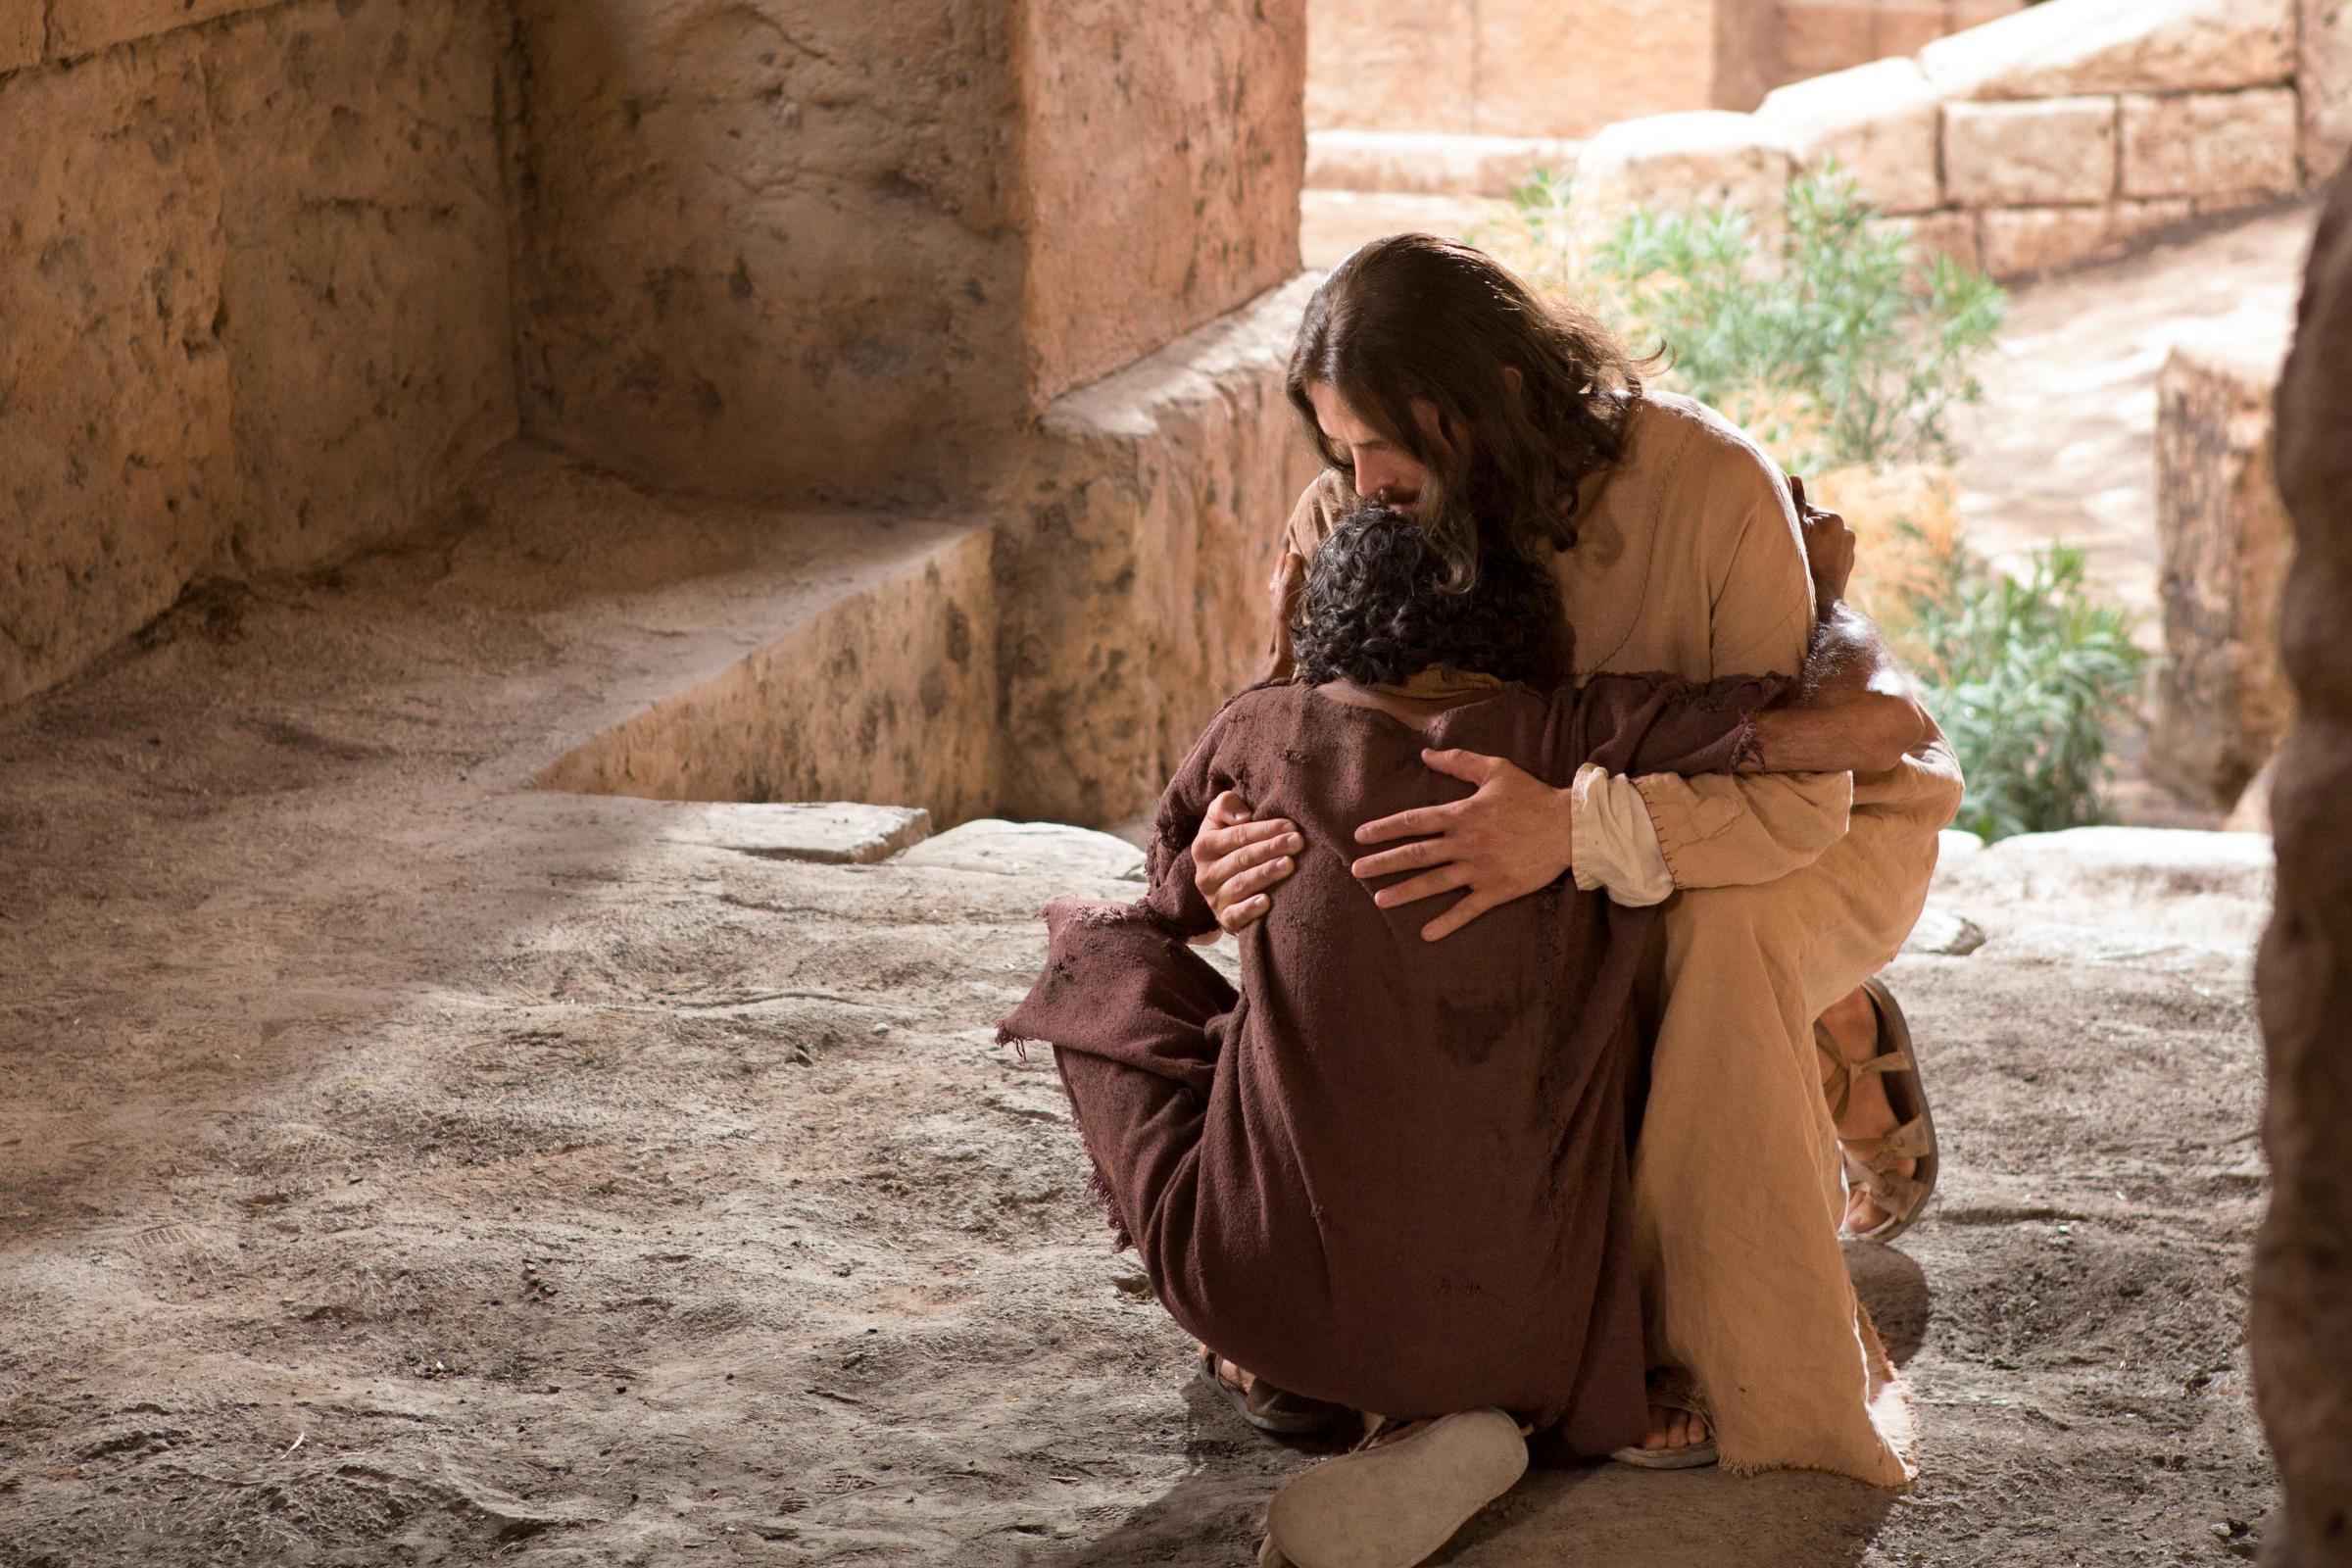 Isus vam može pomoći